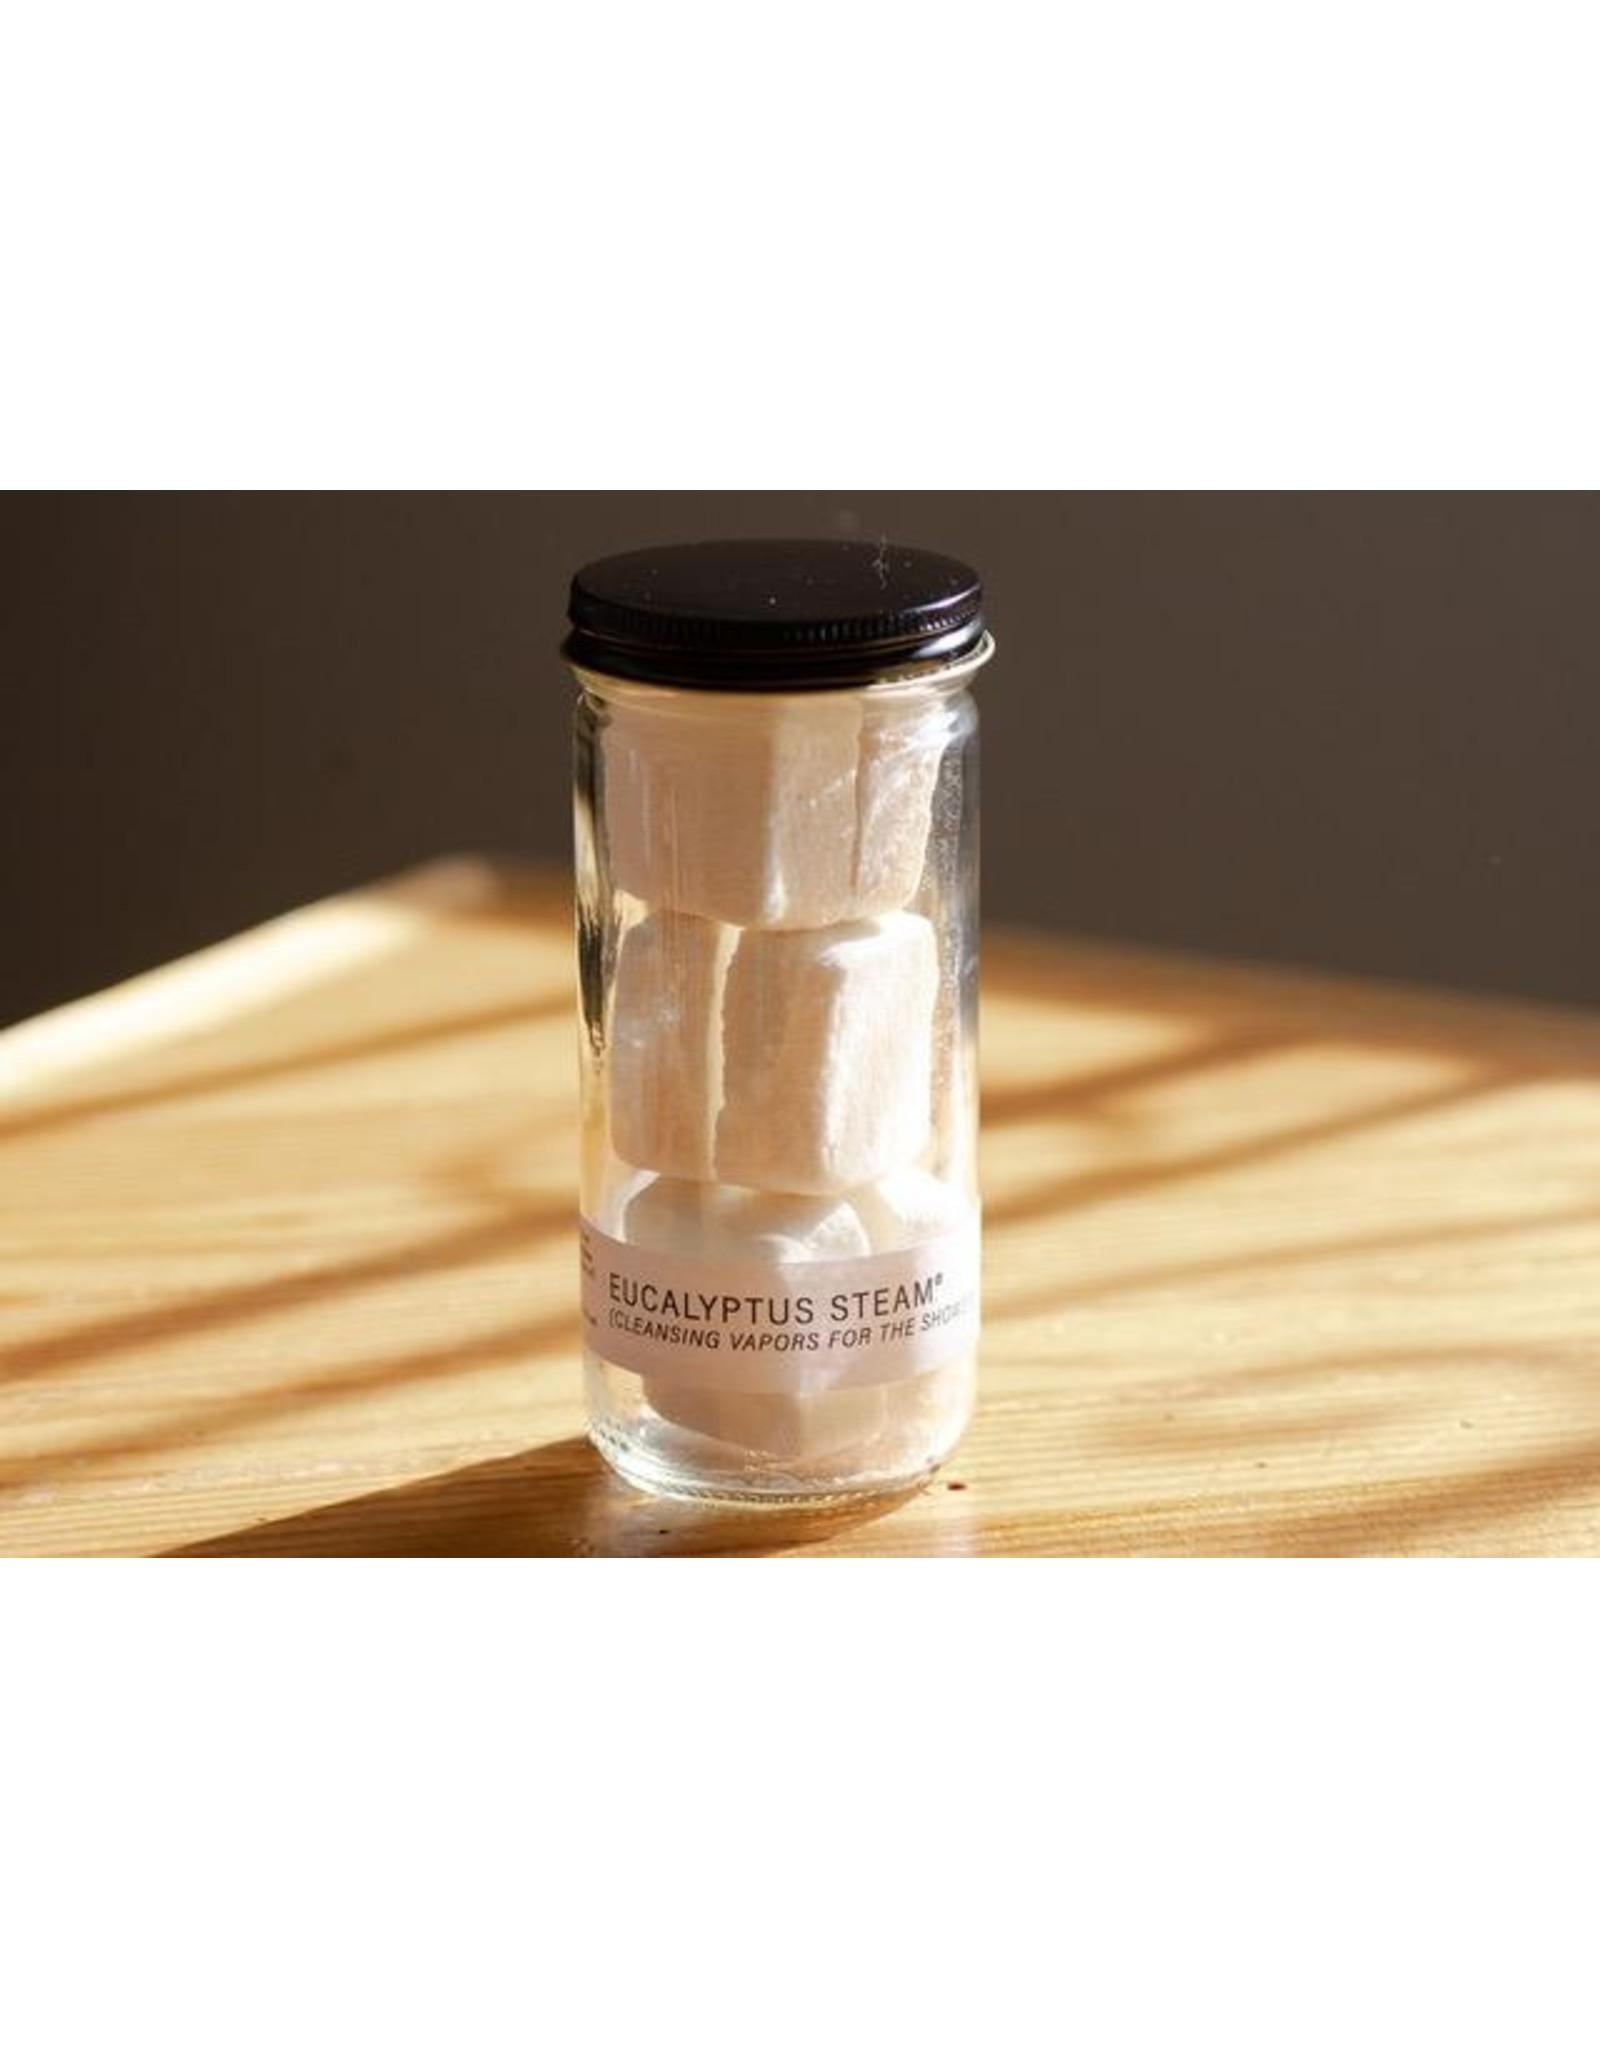 No Tox No Tox Life Eucalyptus Steam® Jar